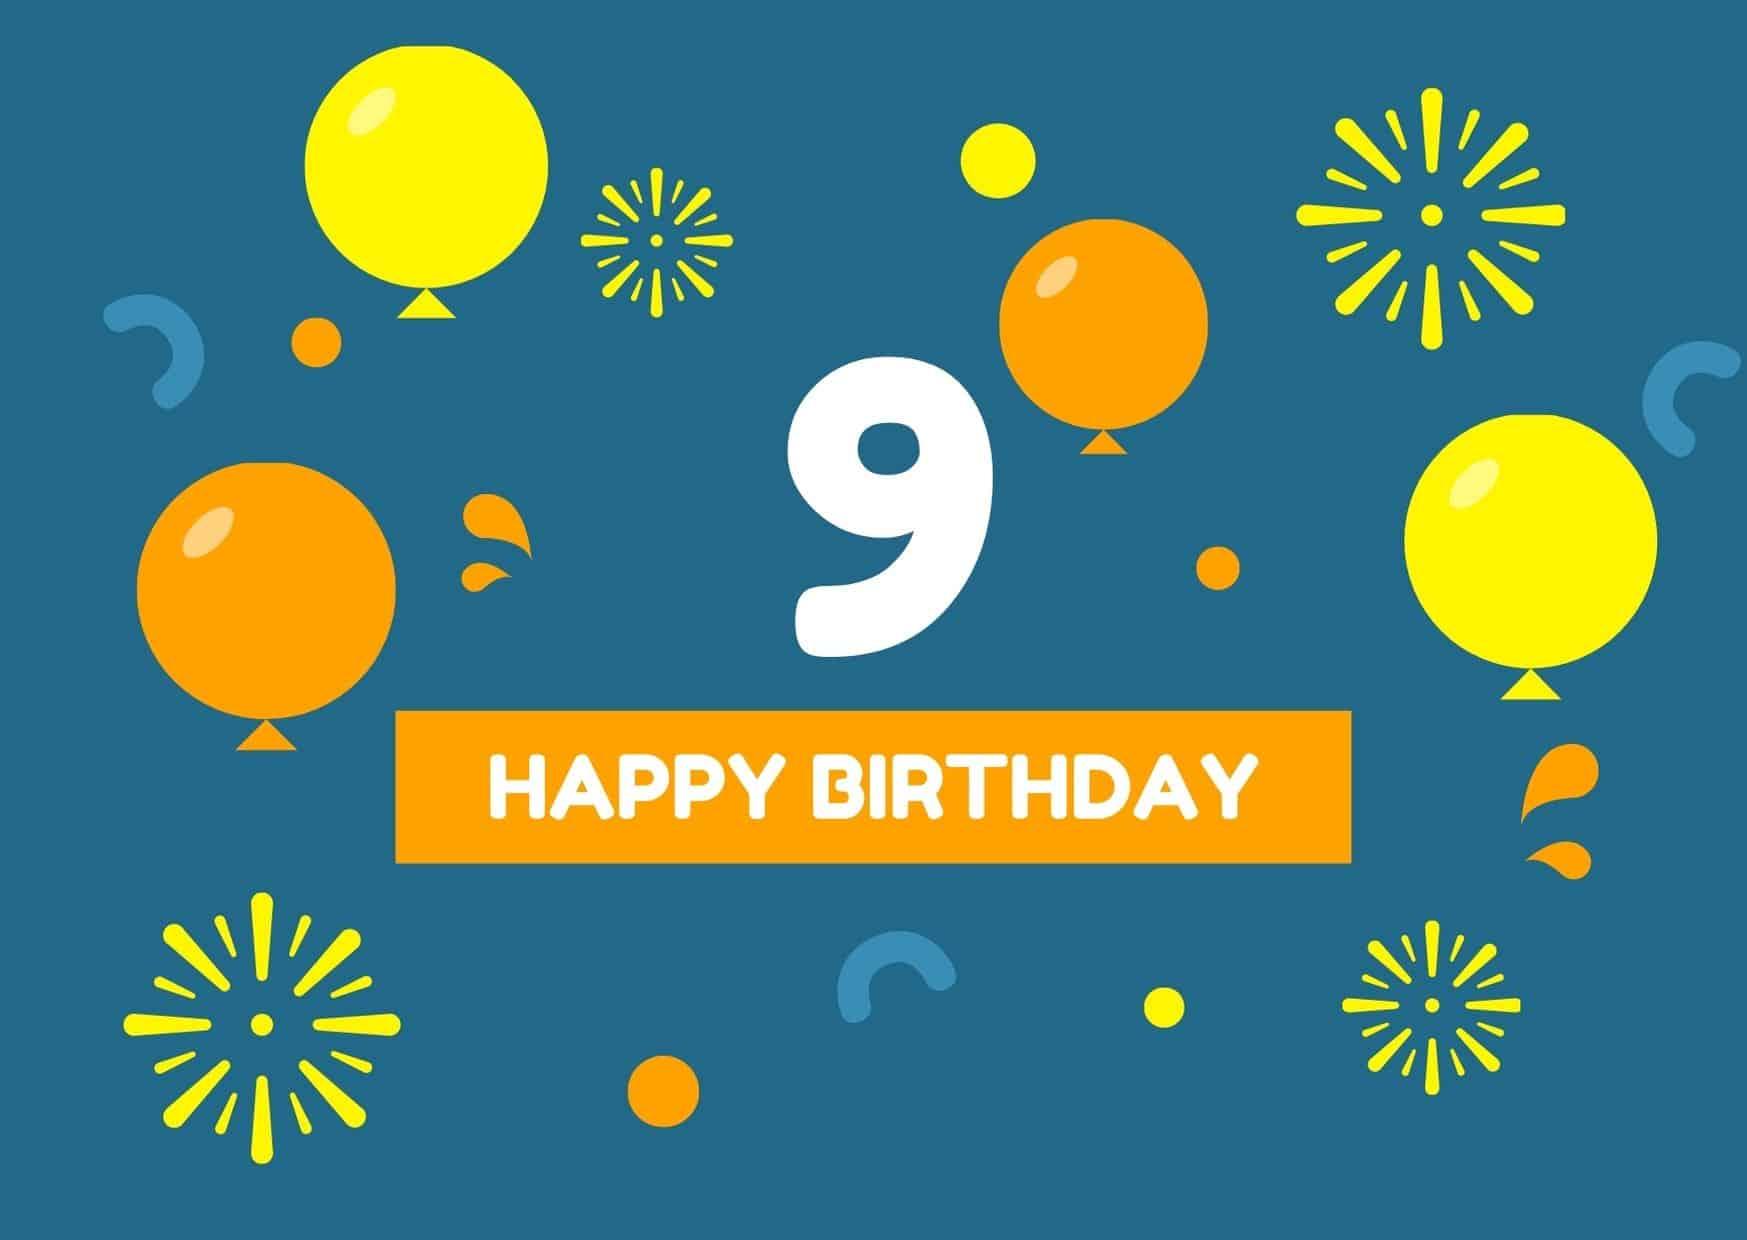 Glückwünsche Zum 9. Geburtstag